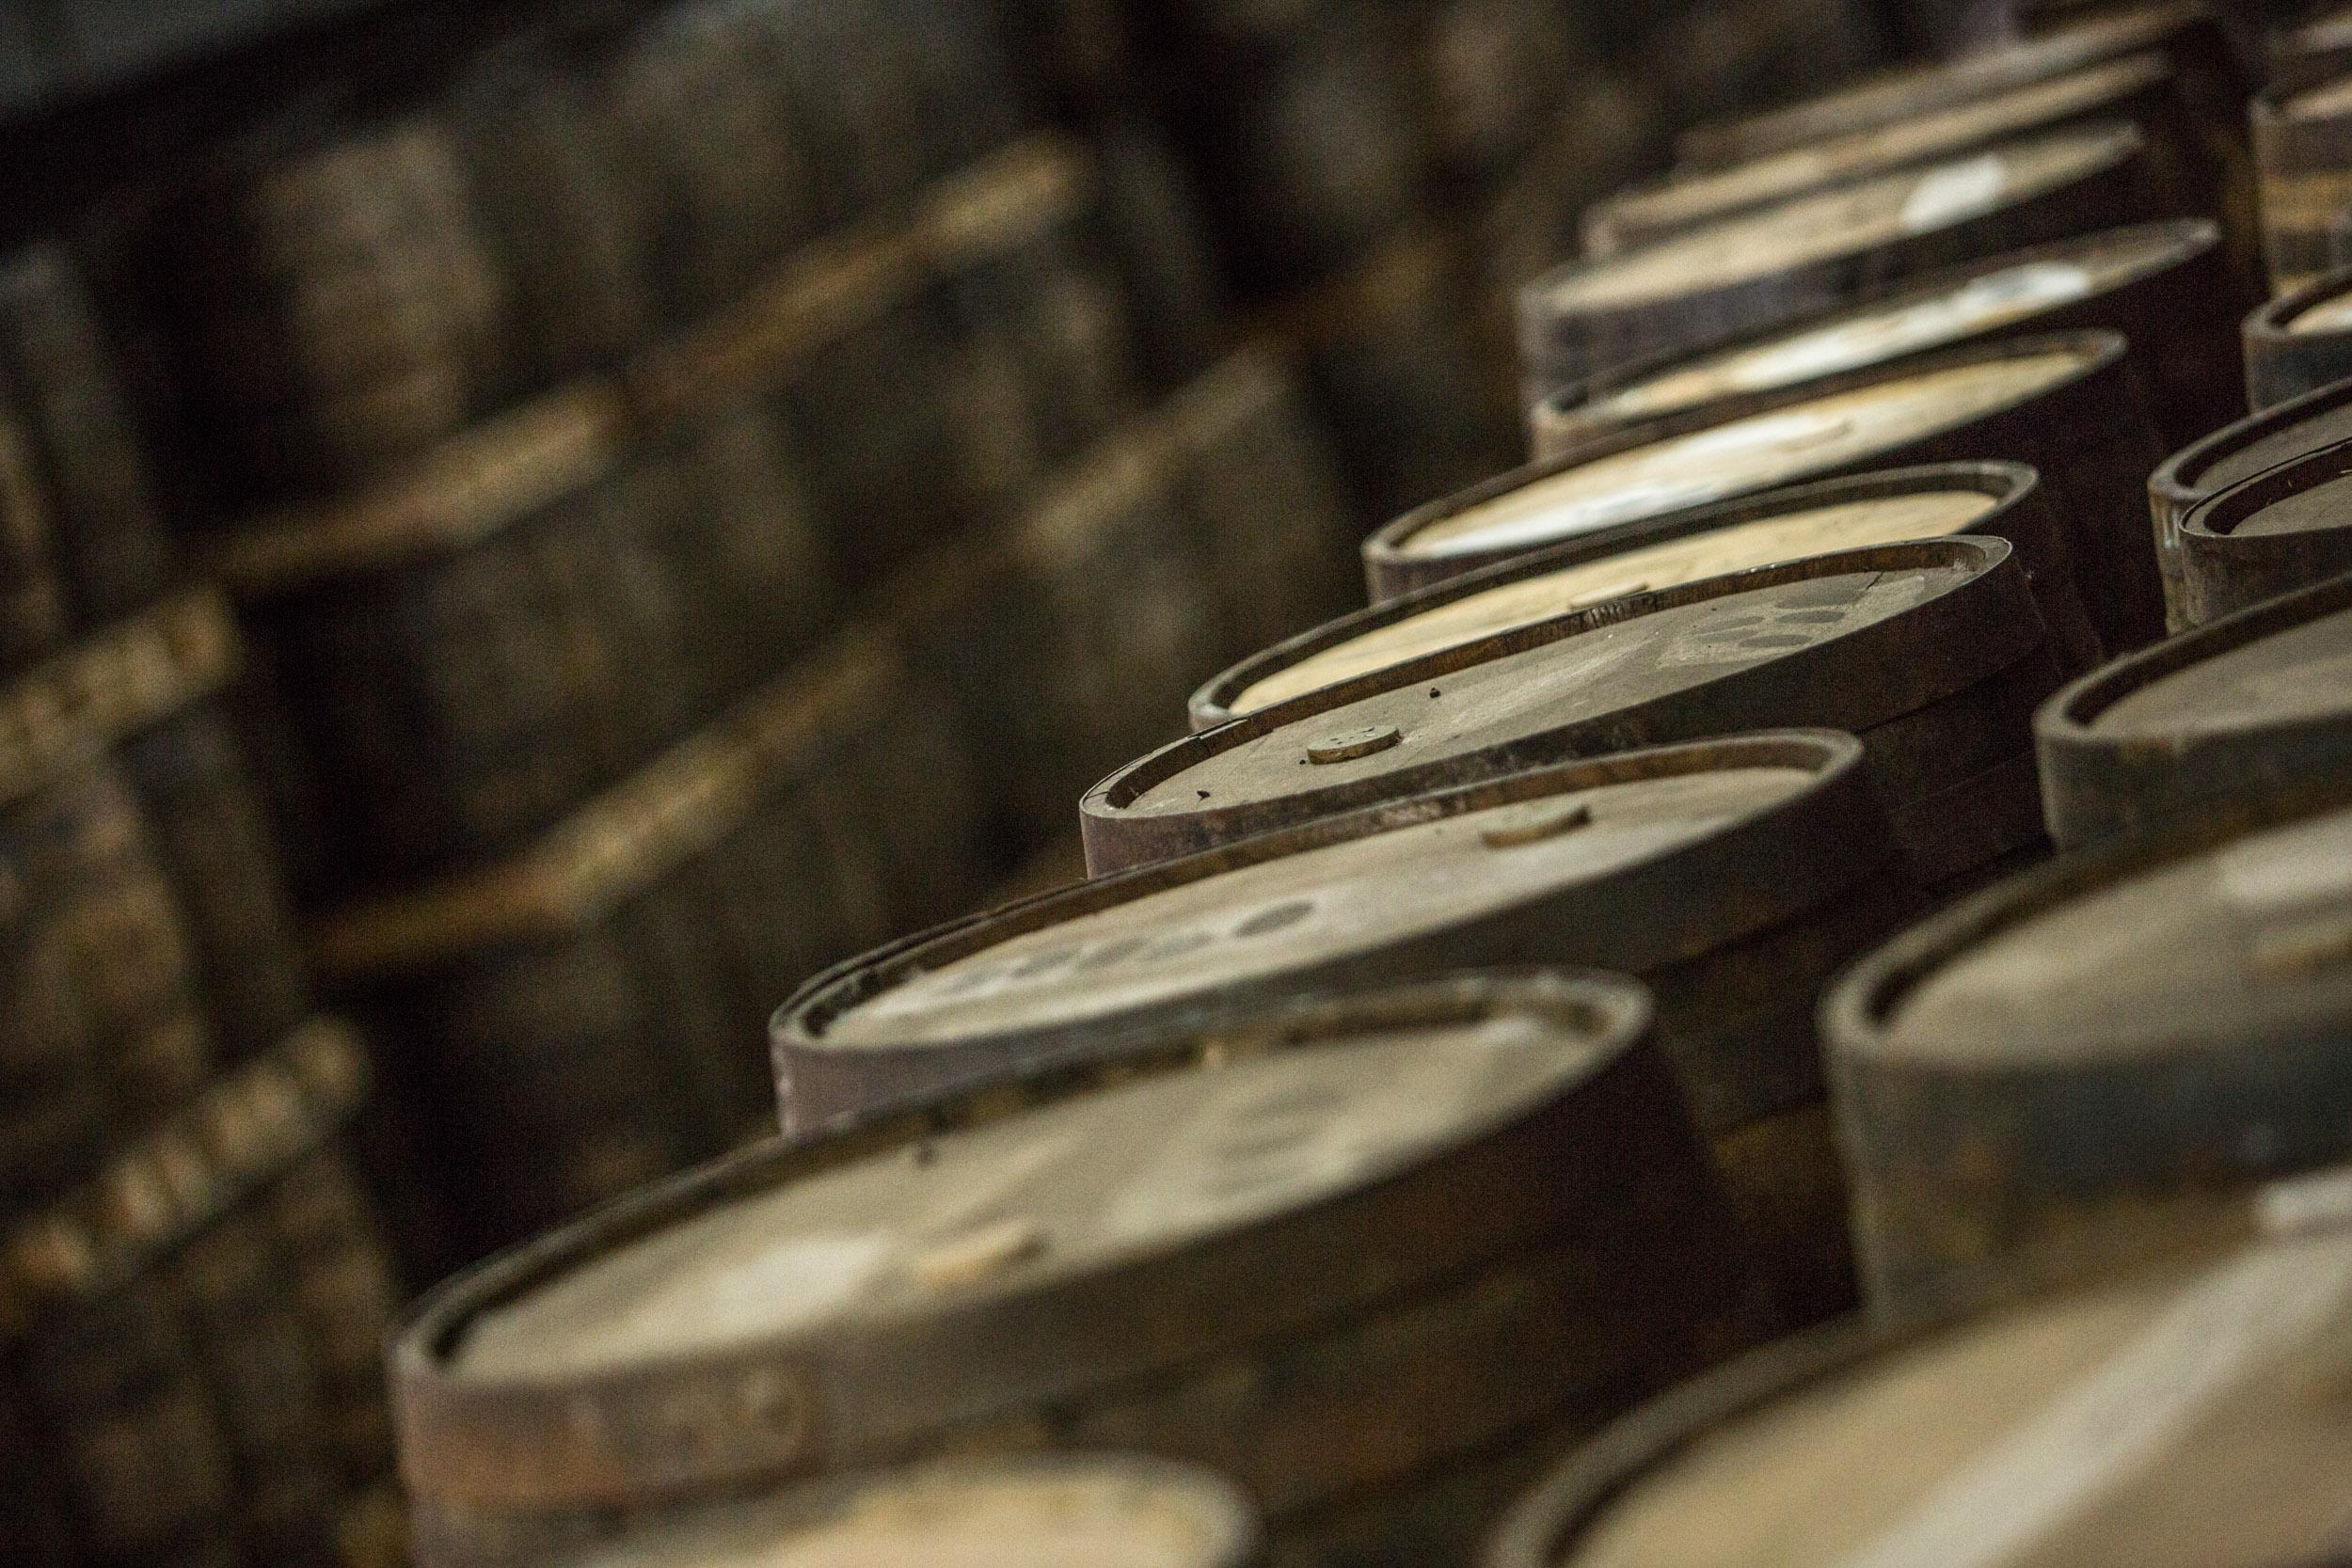 Whisky casks at Bain's Distillery